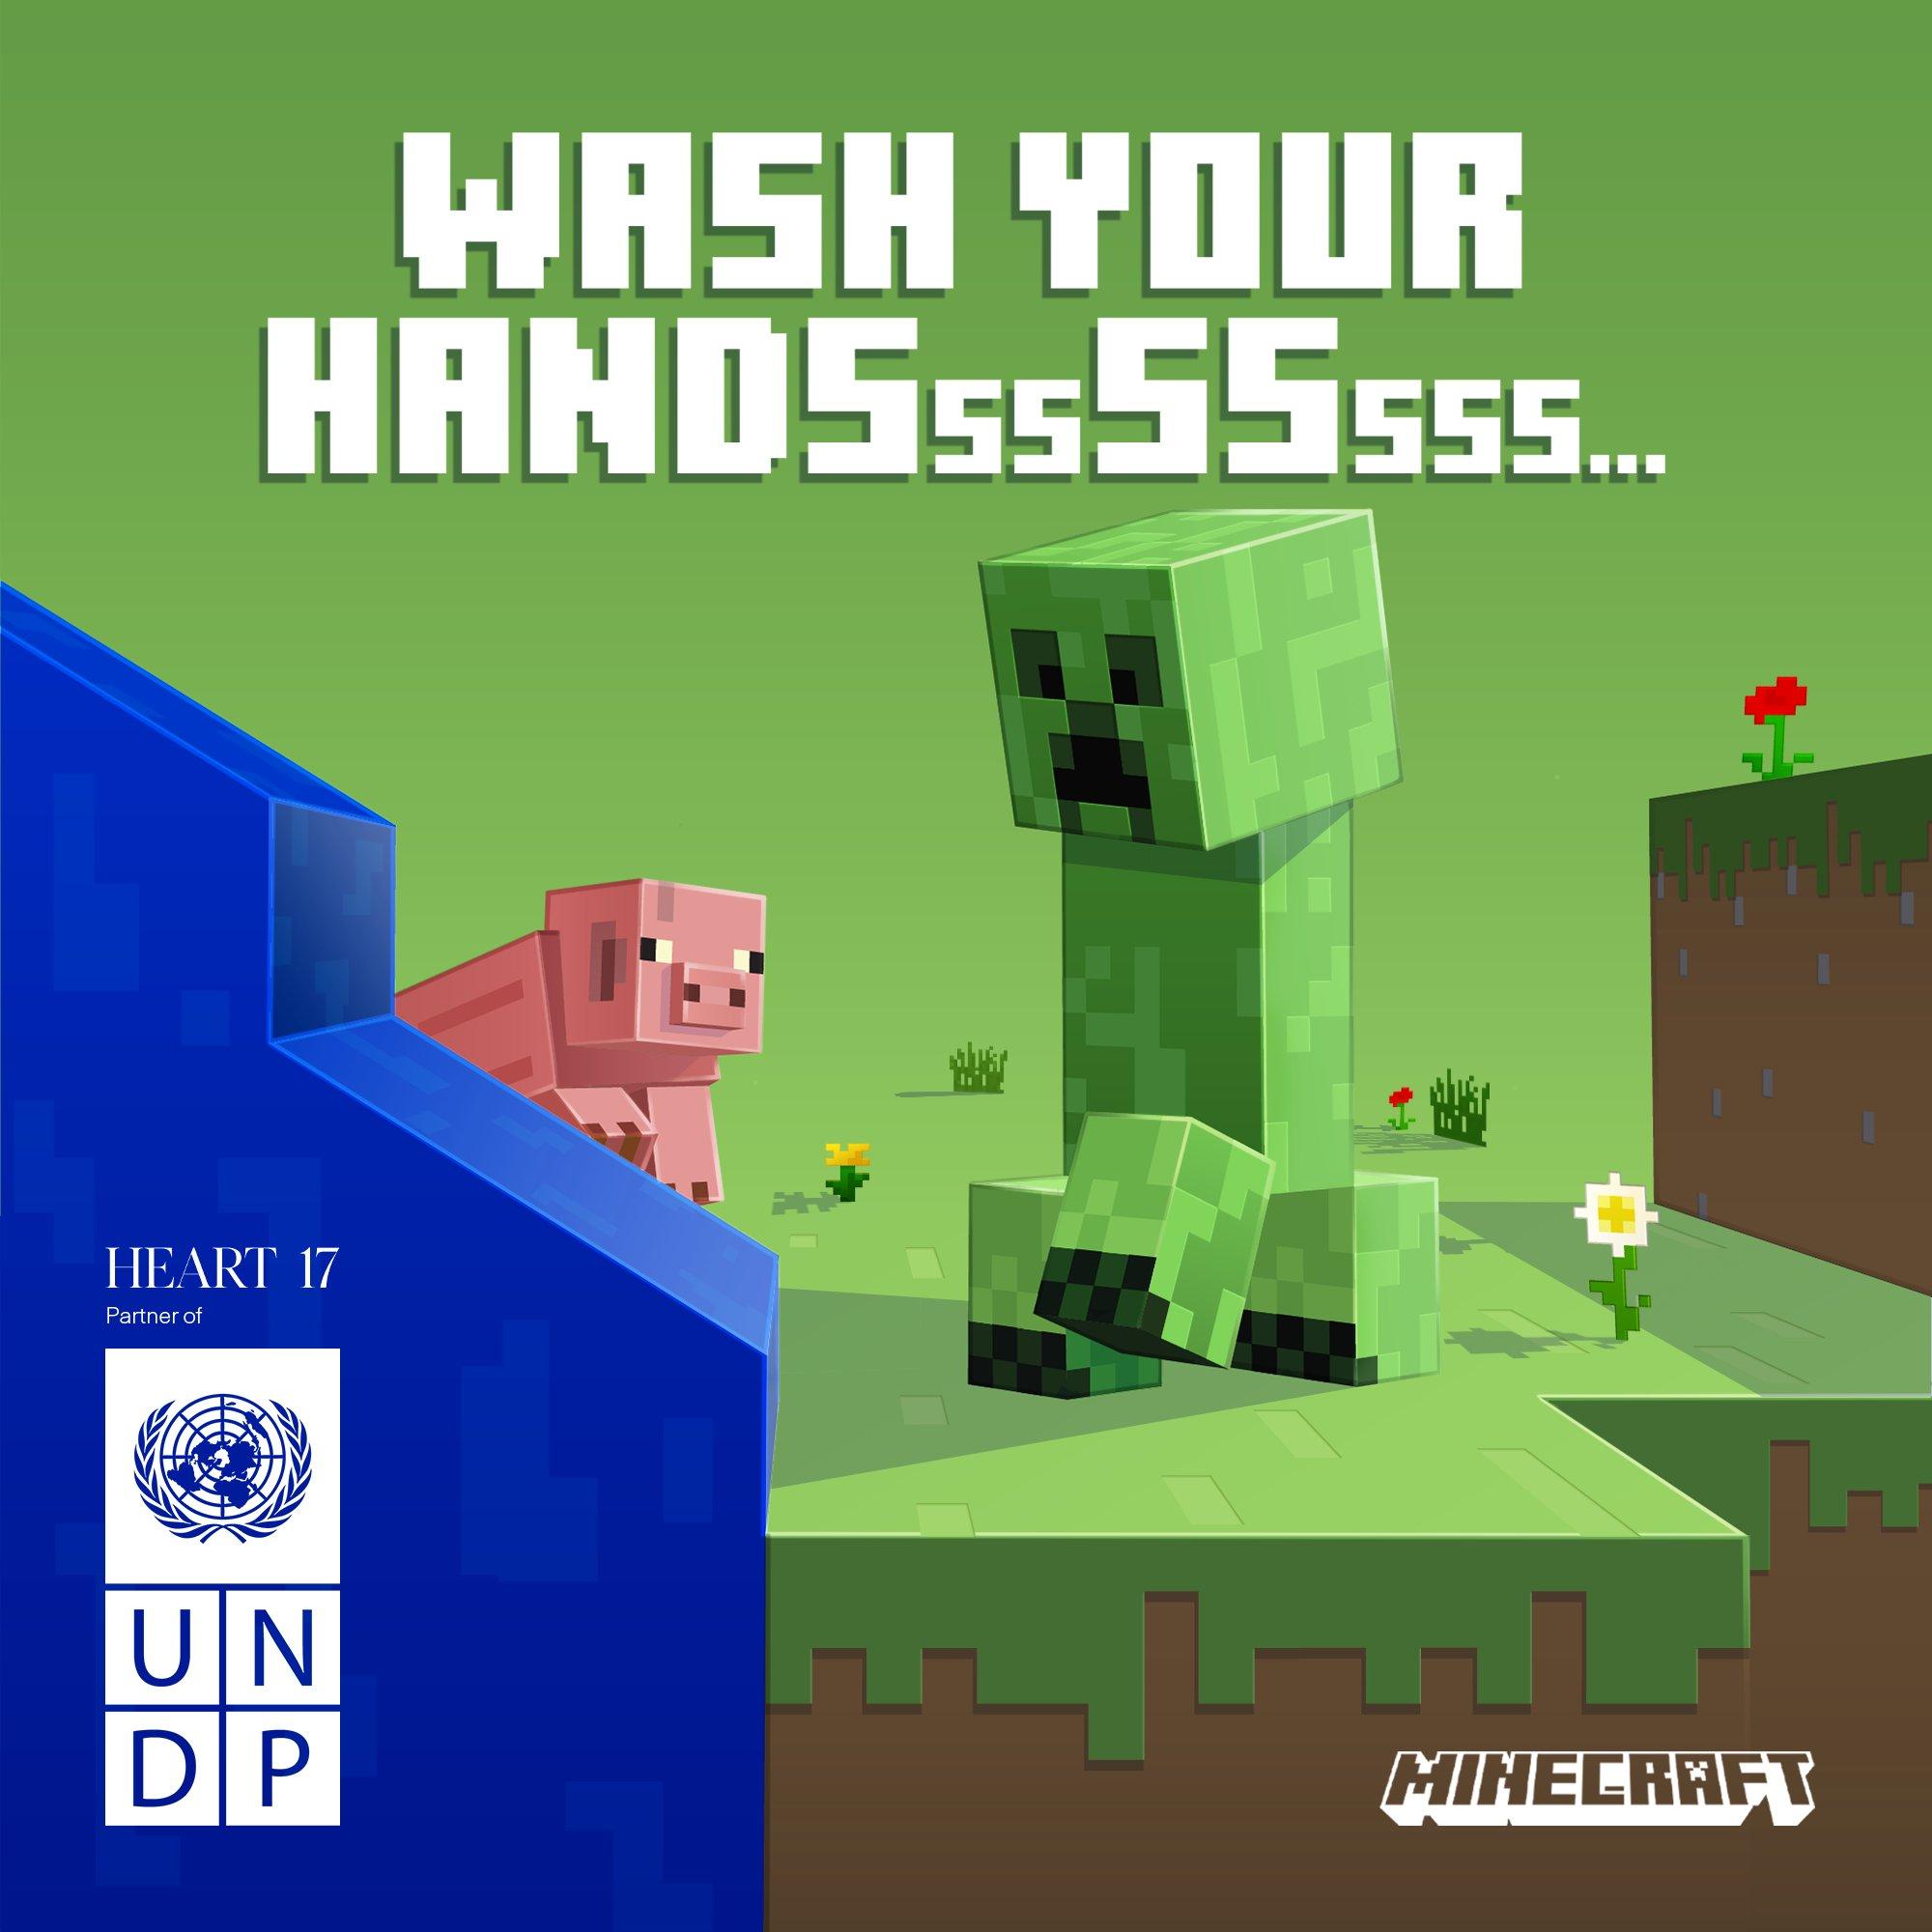 为抗疫助力:《Minecraft》联合联合国组织推COVID-19 PSA运动